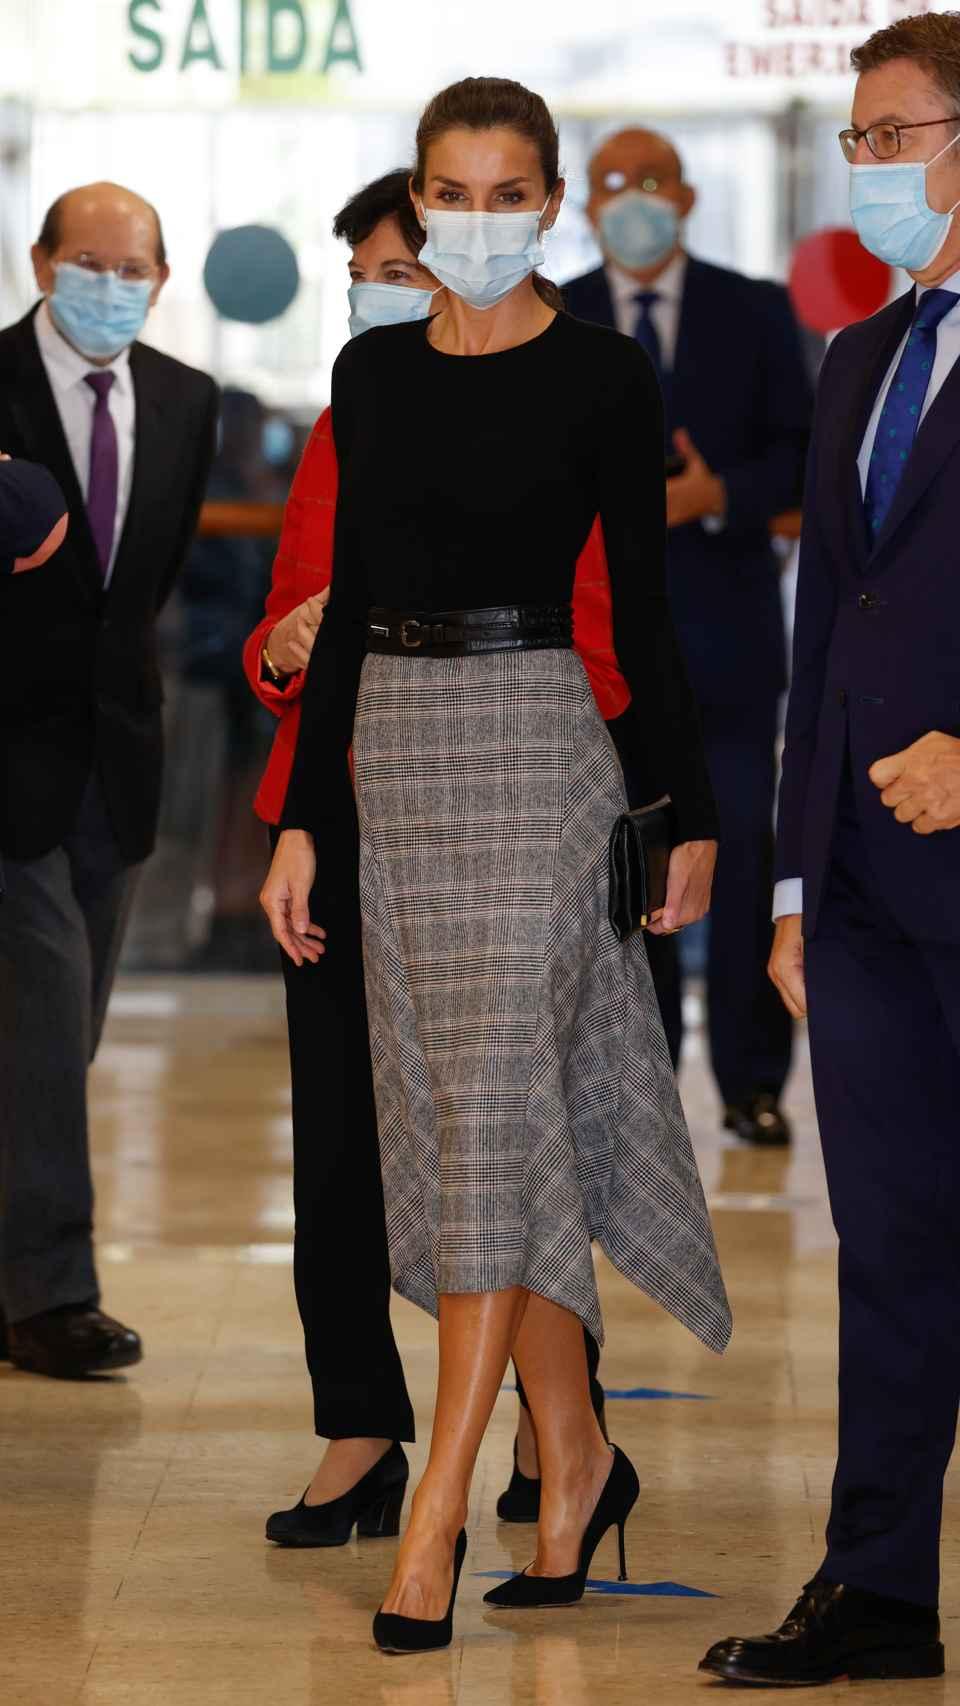 La Reina ha optado por un estilismo muy otoñal y elegante.